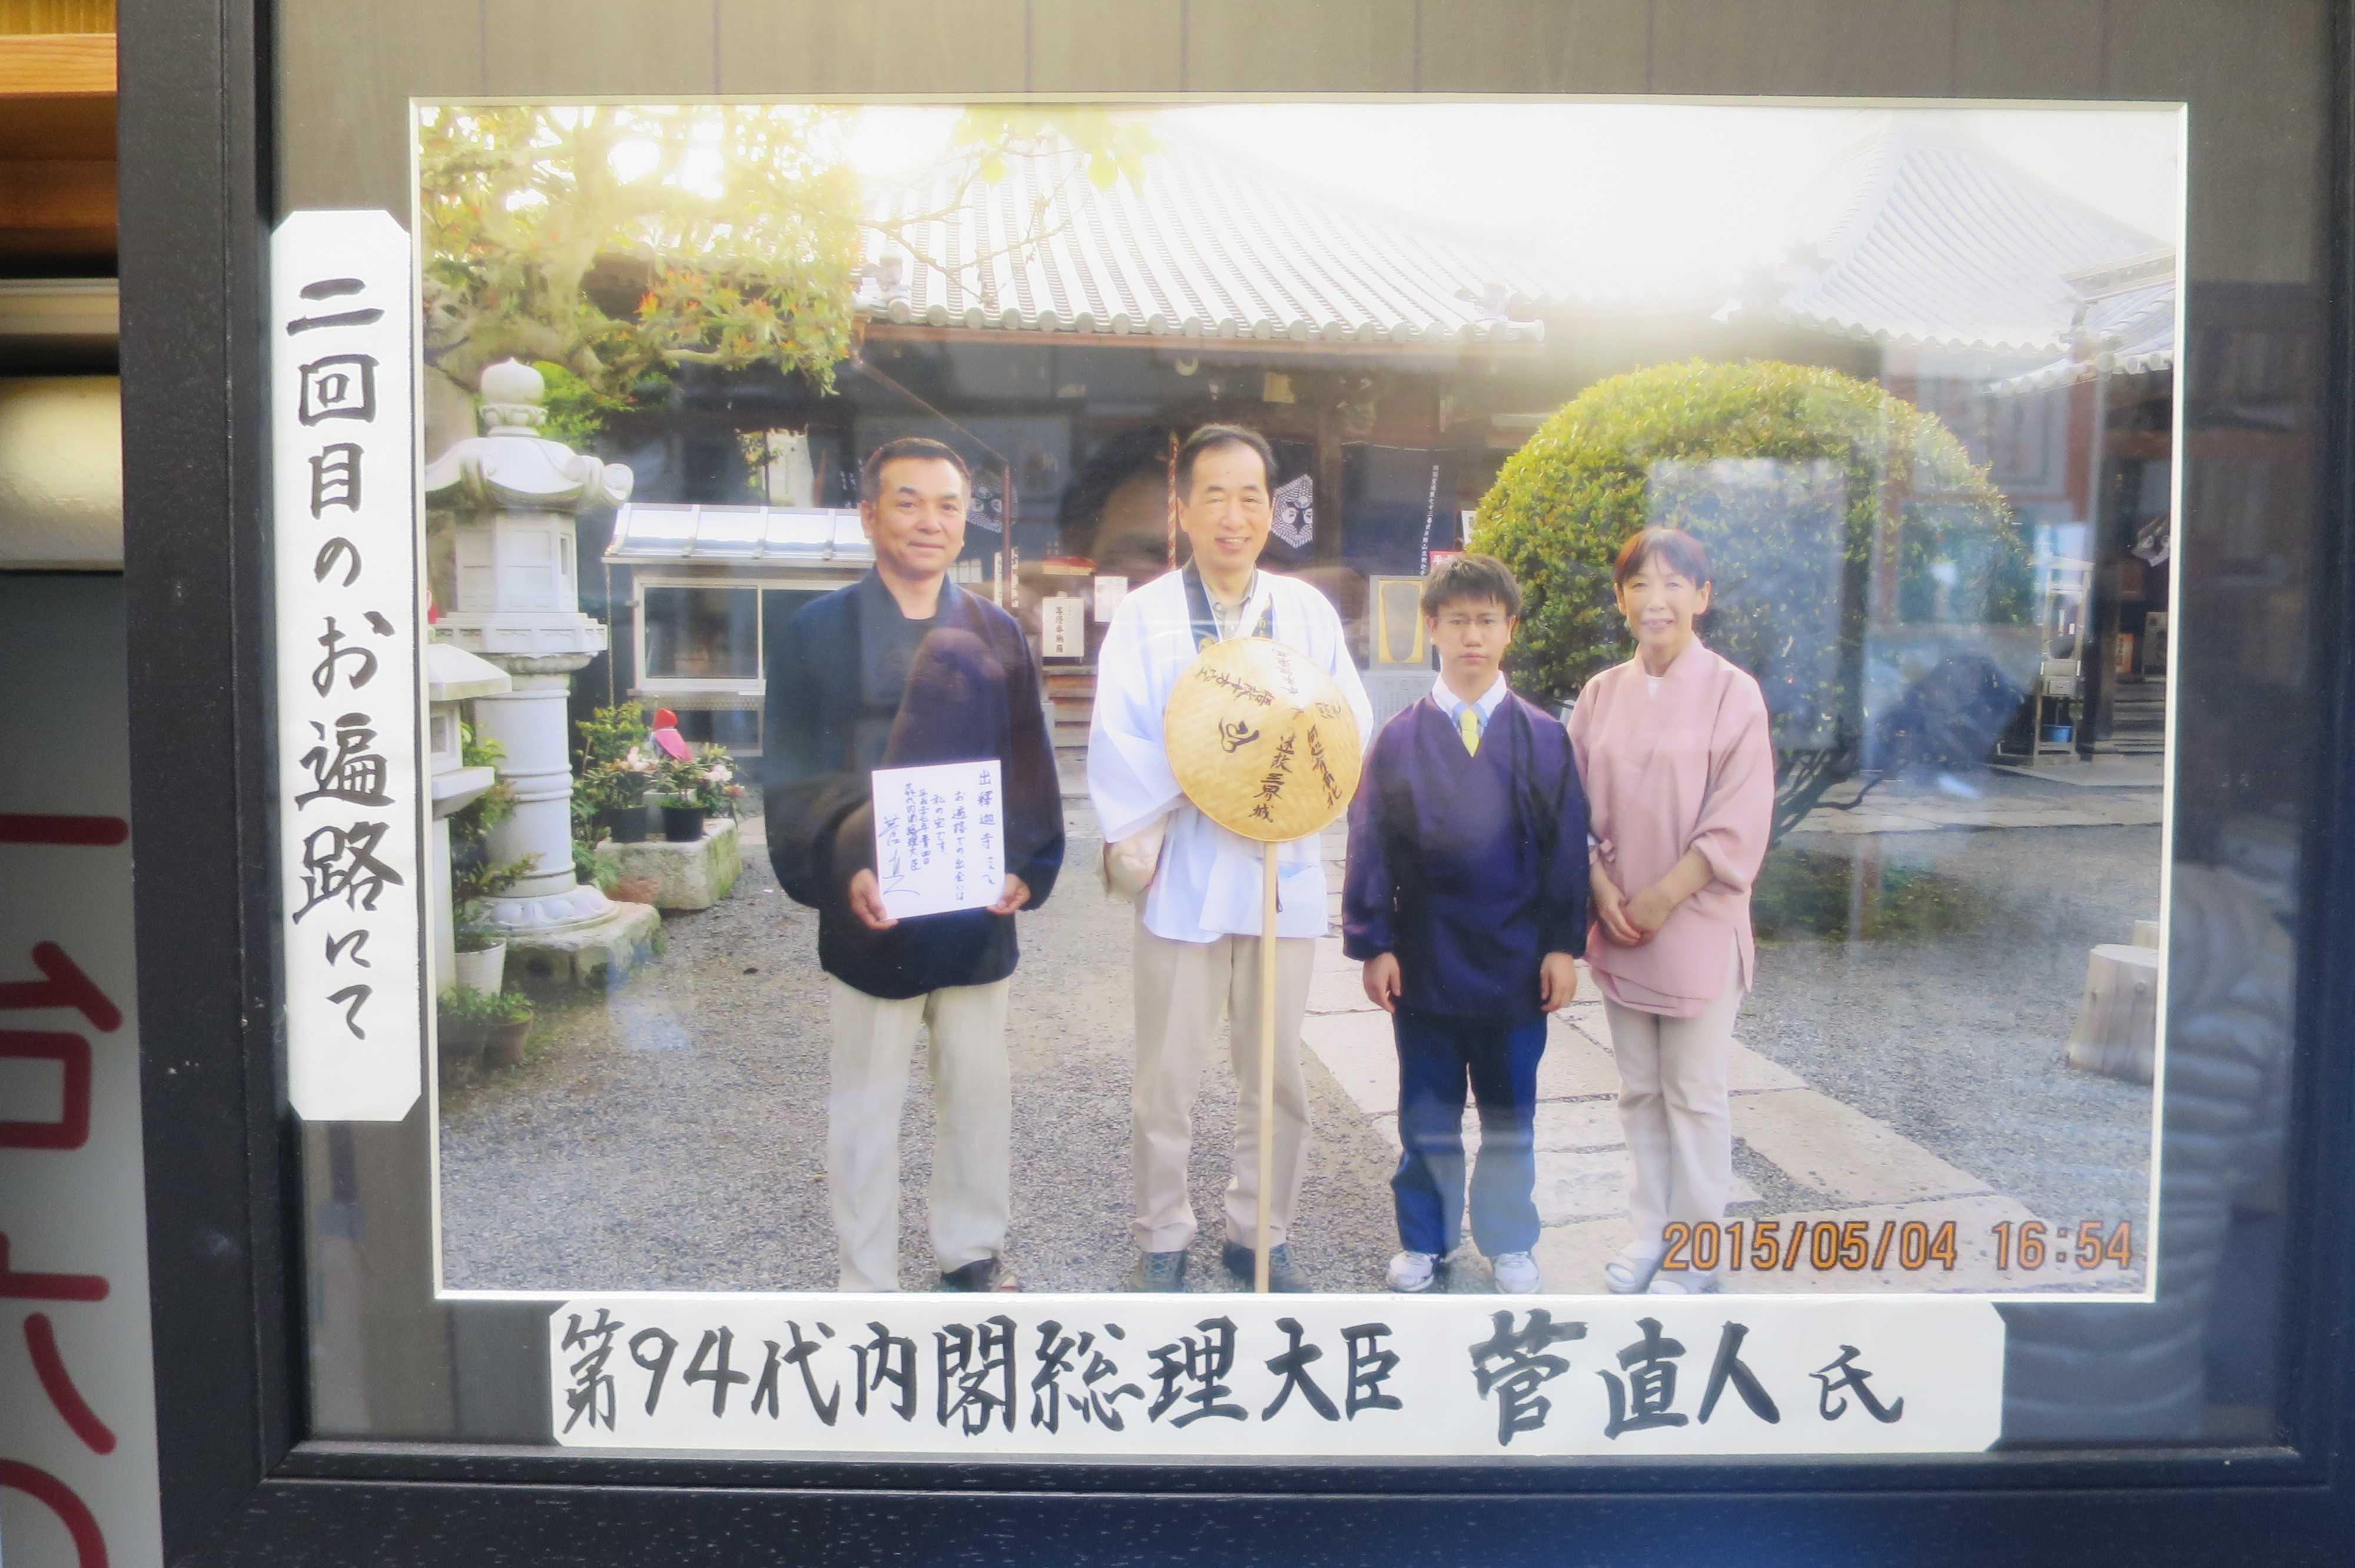 第94代 内閣総理大臣 菅直人氏 2015/05/04 16:54 二回目のお遍路にて